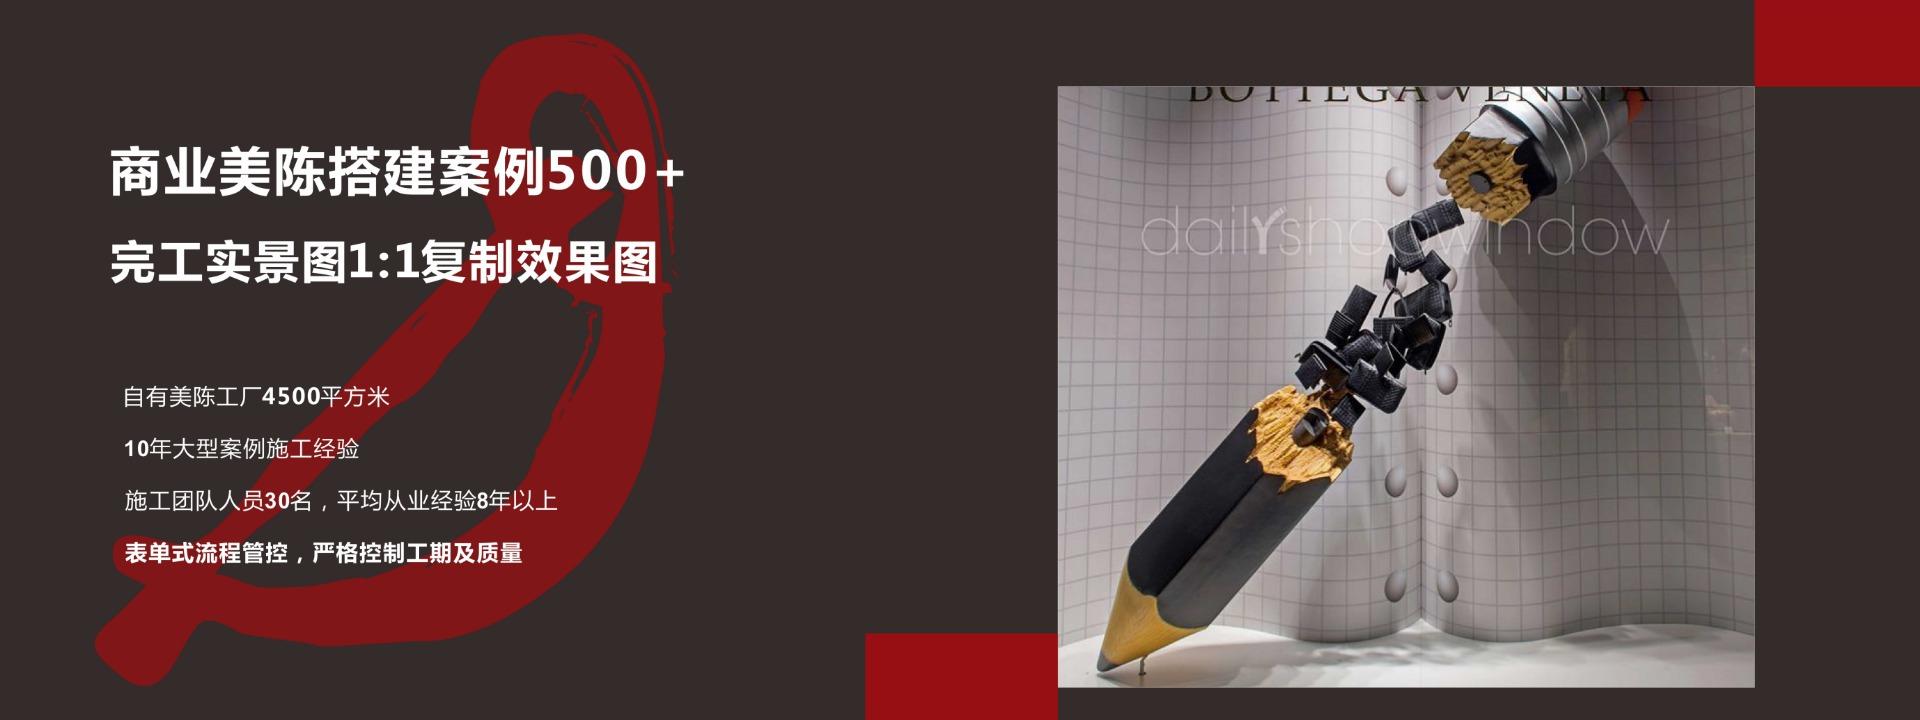 成都展览展示公司,专注于展台搭建,商业美陈的制作厂家